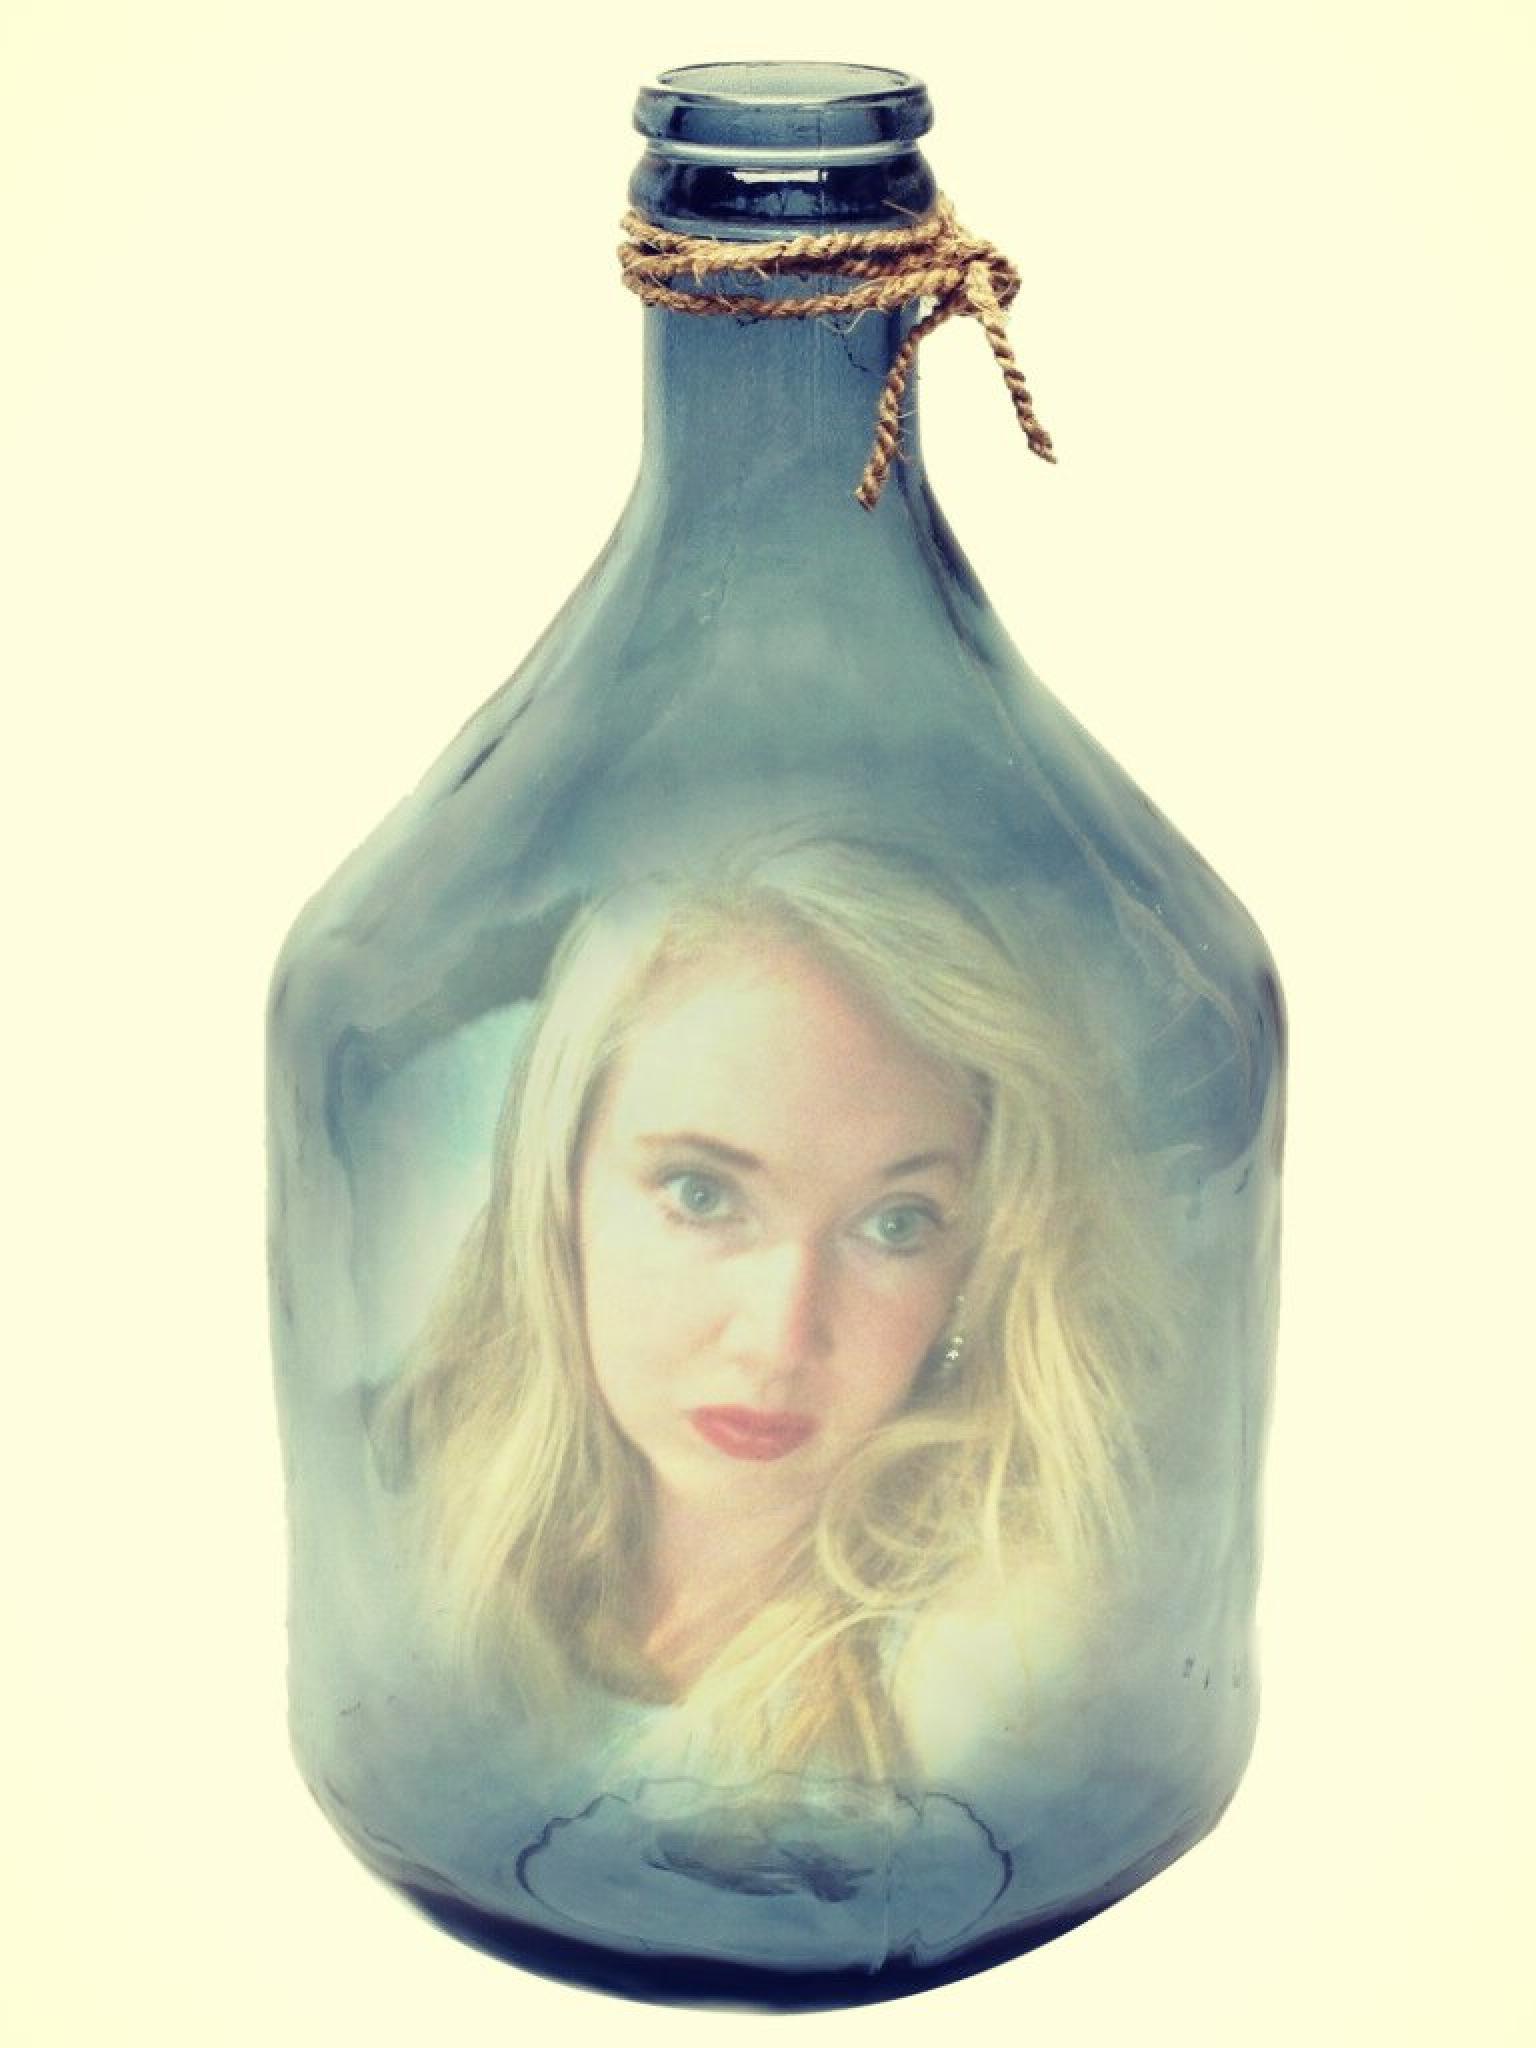 Genie In A Bottle by Jen Sulser